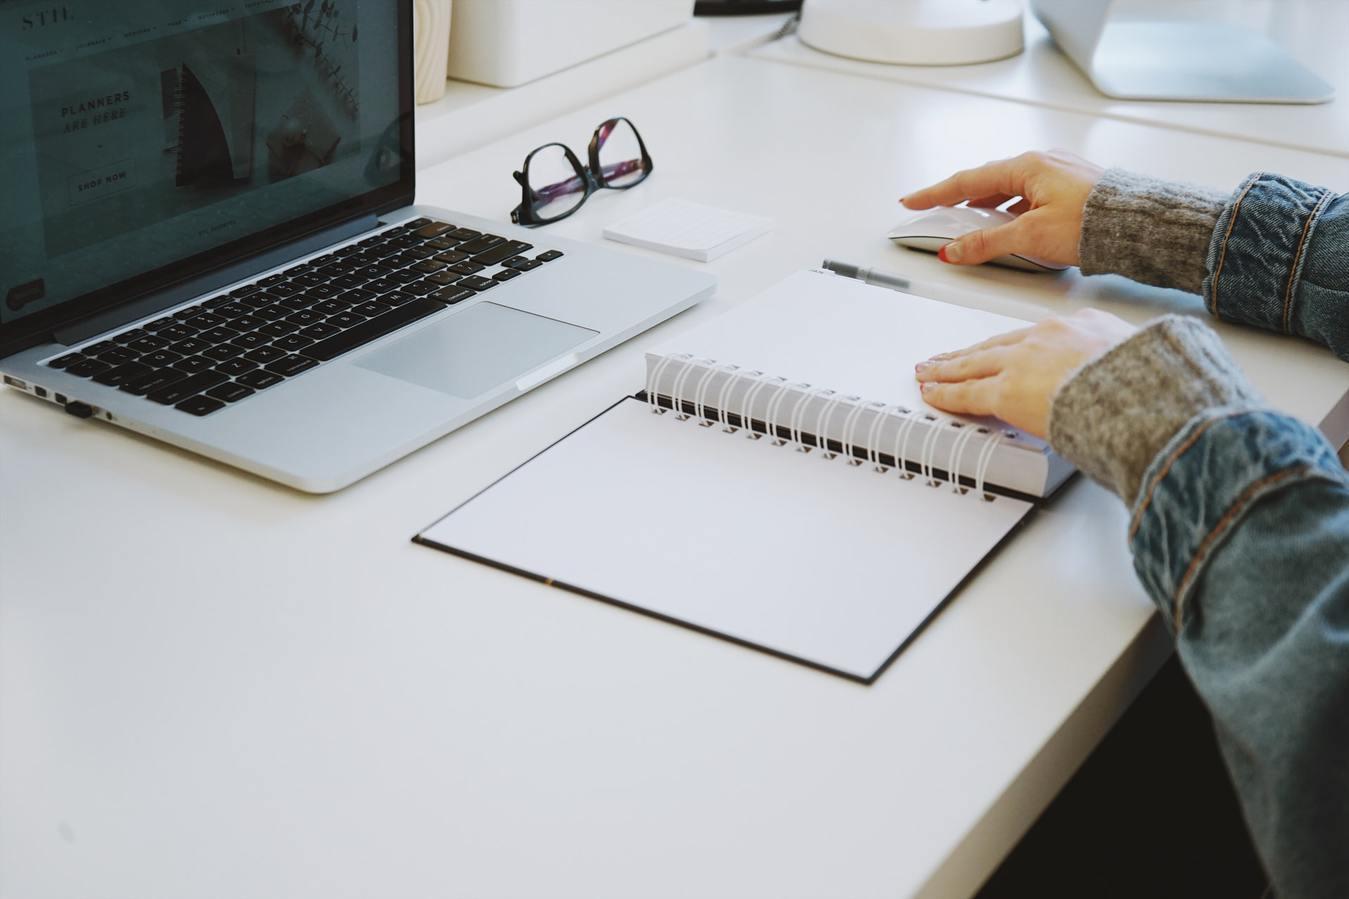 Poste de travail avec ordinateur et agenda